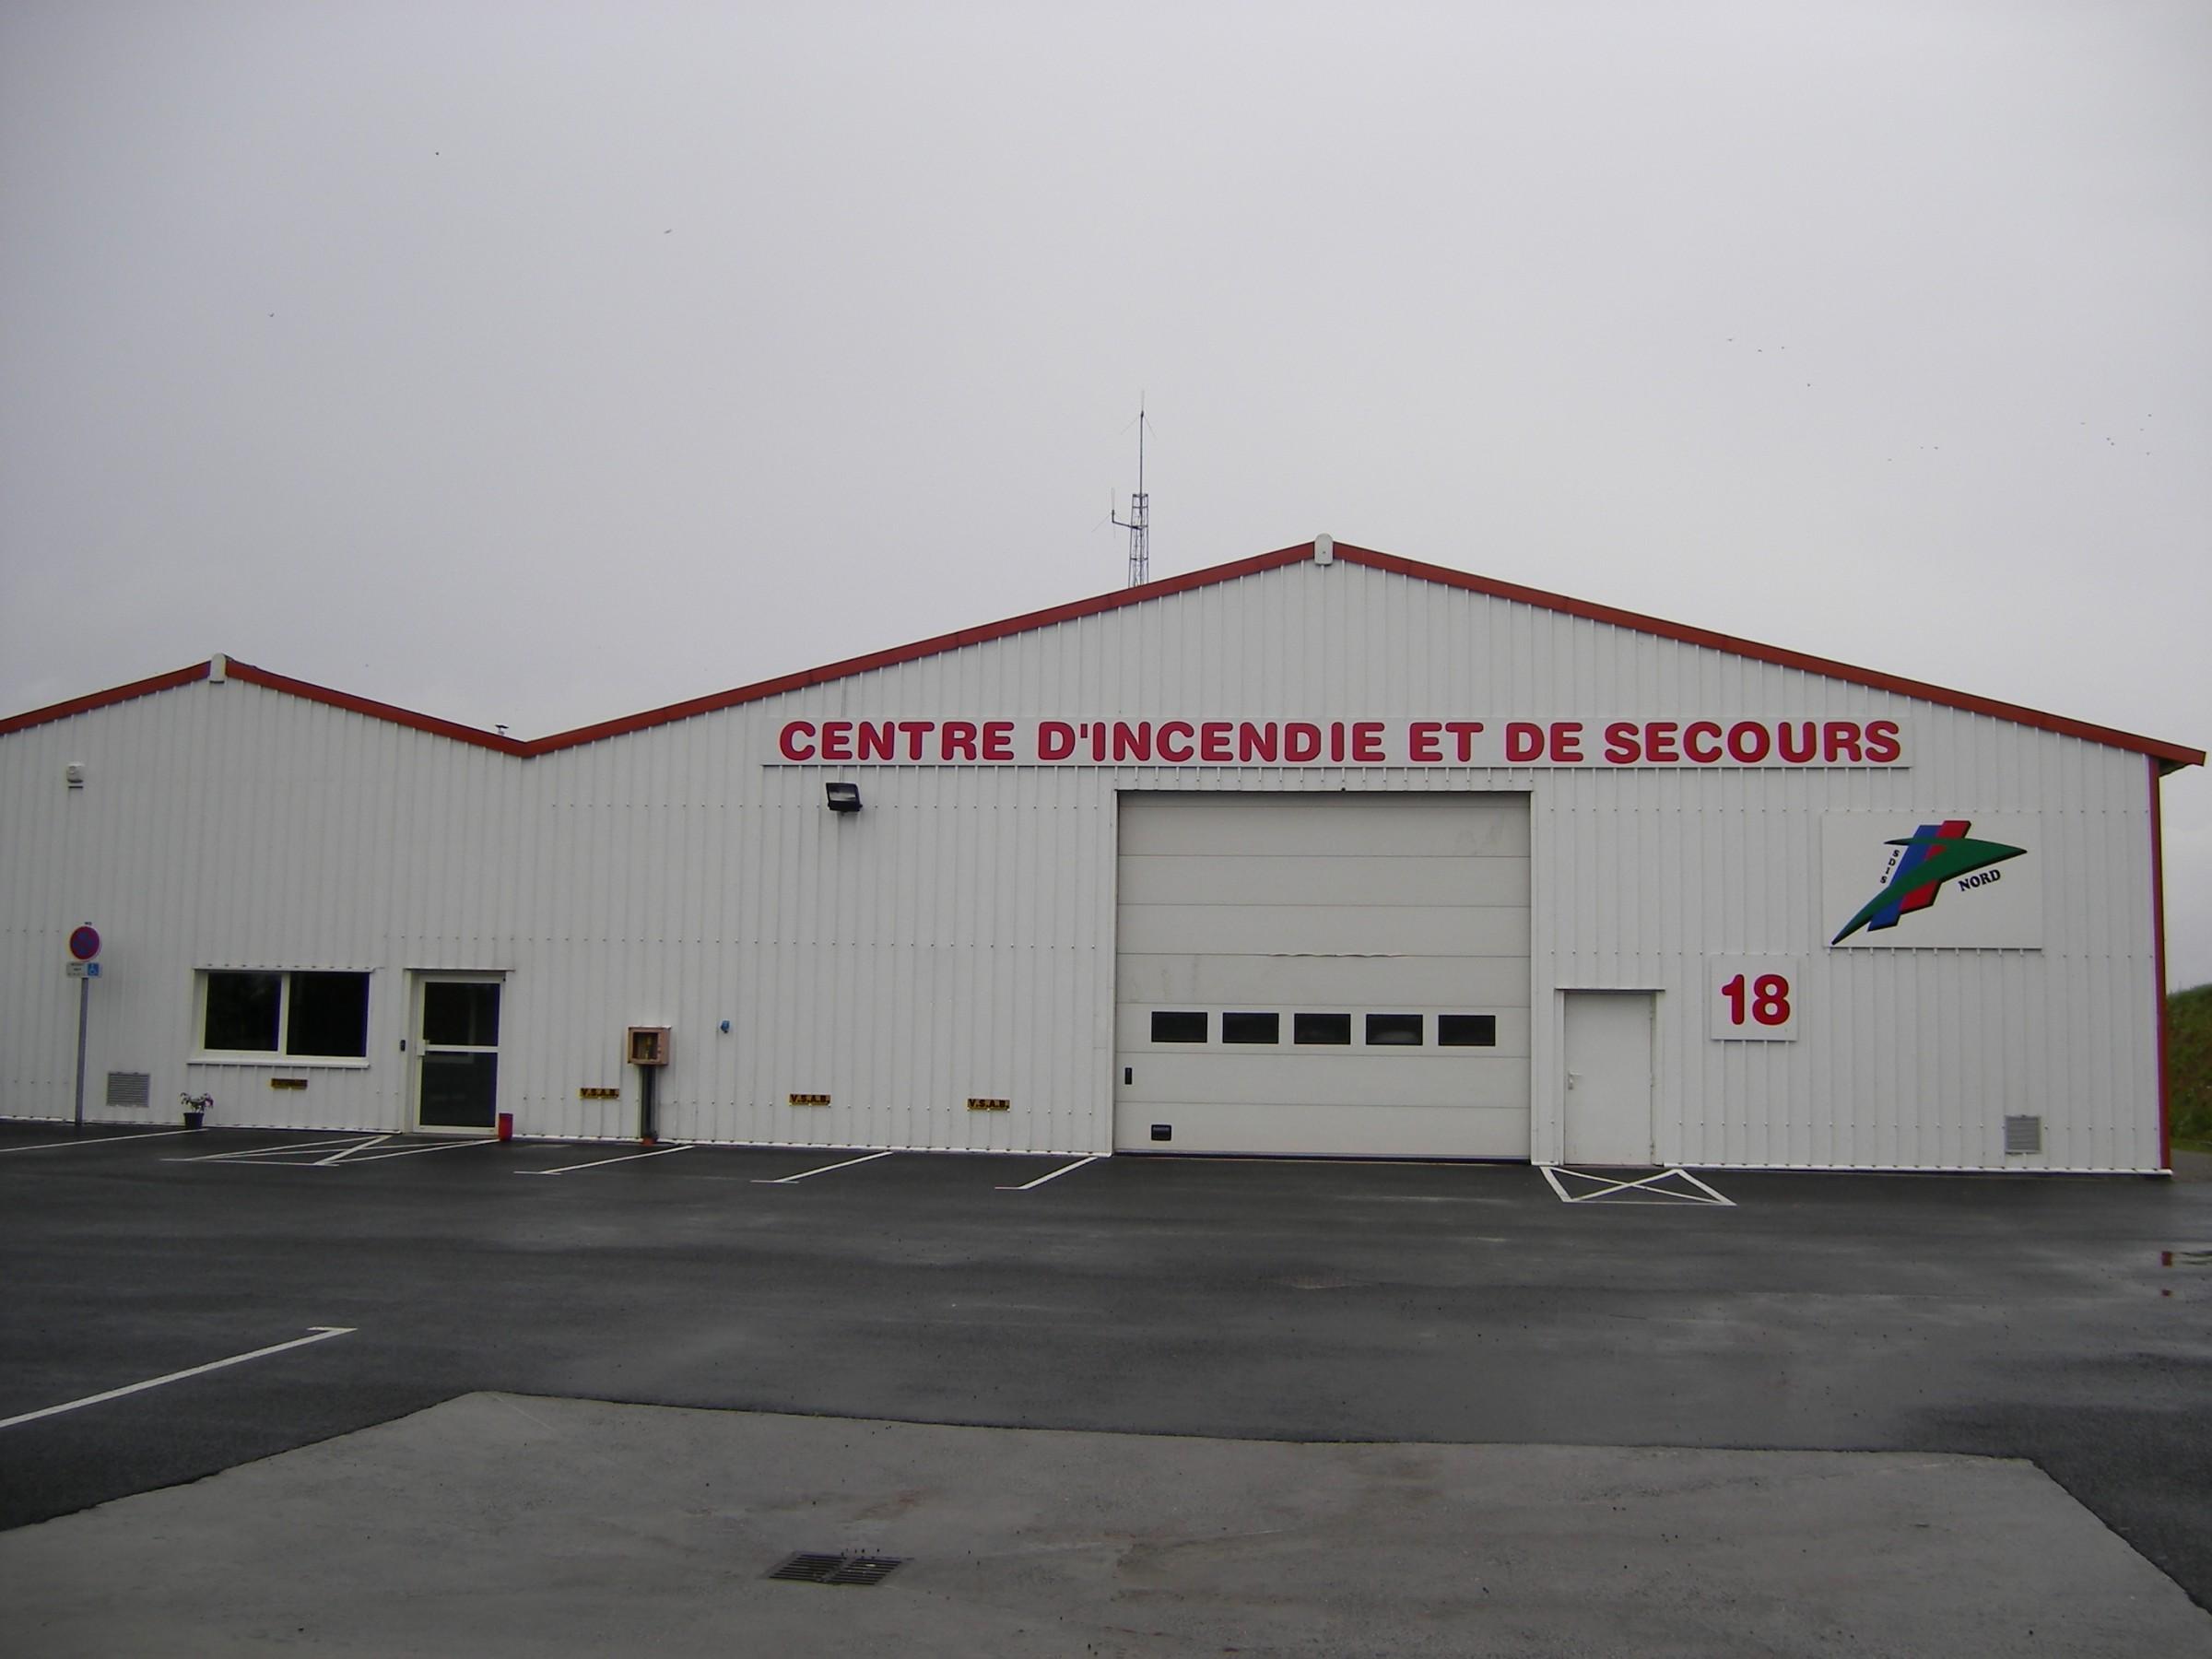 V hicules des pompiers fran ais page 193 auto titre for Caillou va a la piscine en francais